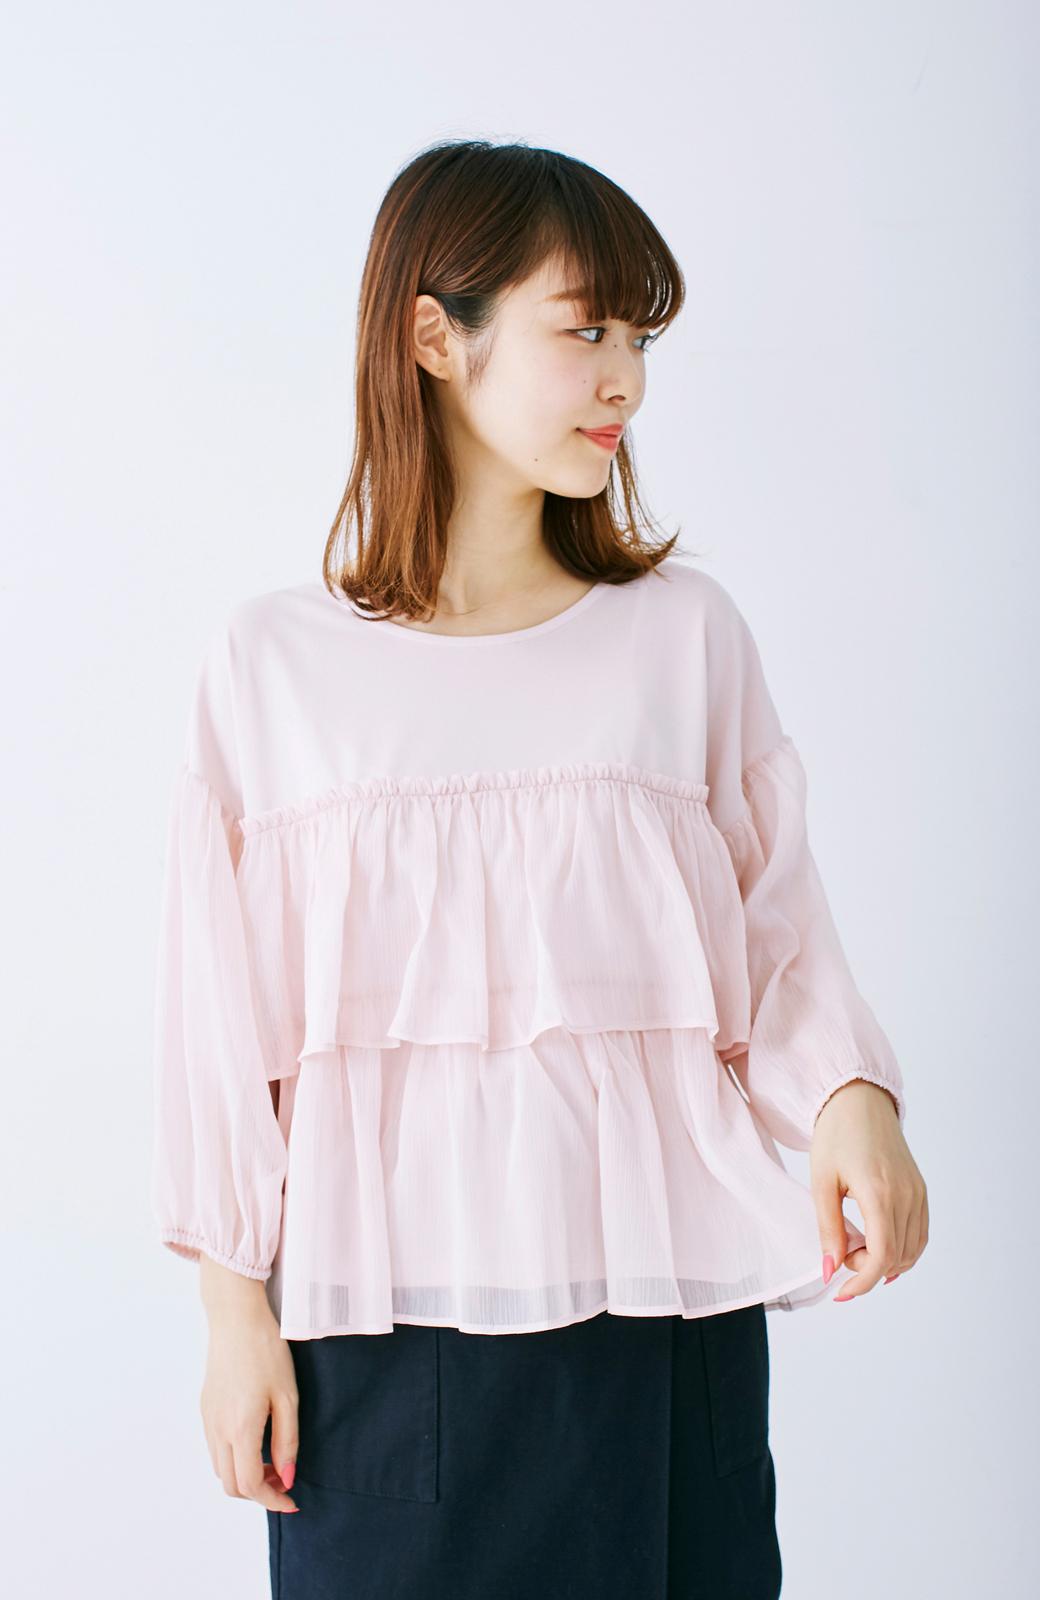 エムトロワ さらっと着られて女子気分があがる 異素材づかいのフリルトップス <ライトピンク>の商品写真6